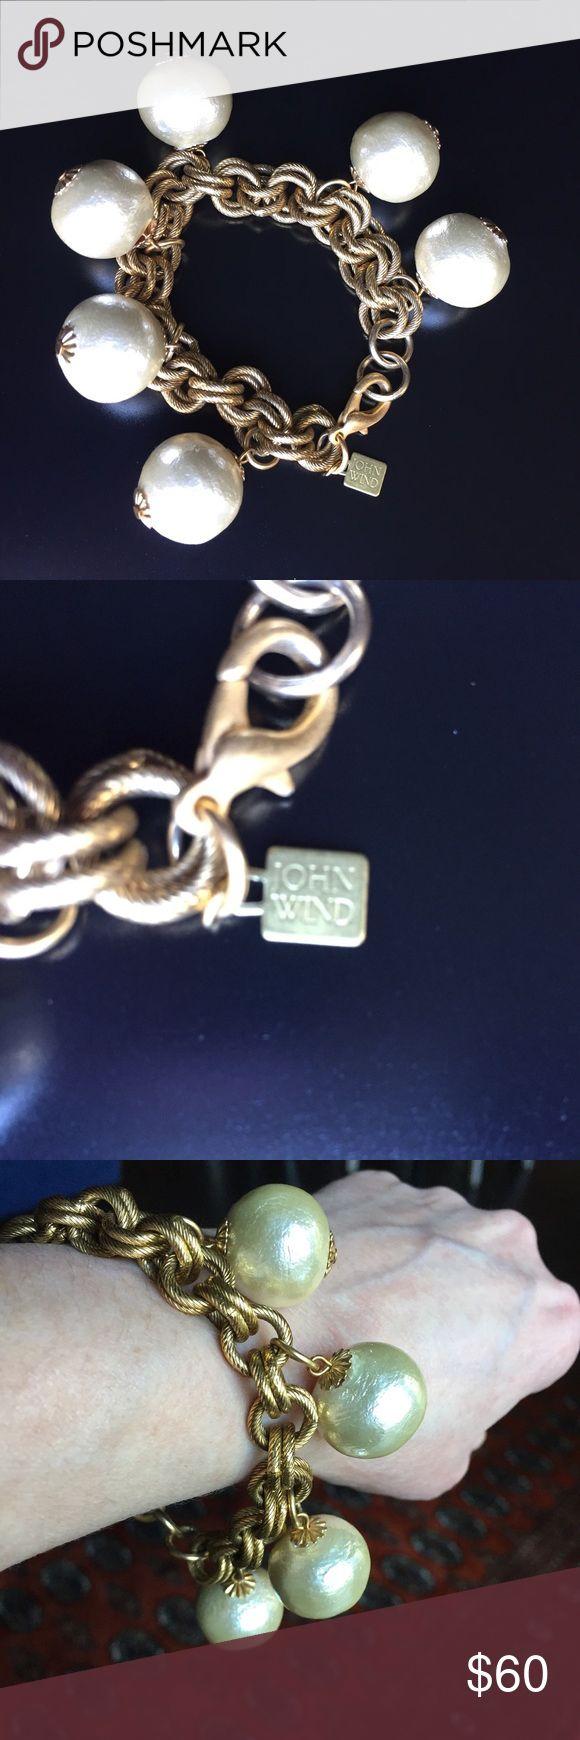 """John Wind Gold Cotton Pearl Bracelet John Wind of Maximal Art Gold cotton peal bracelet. Length is 7.5"""" long. John Wind Jewelry Bracelets"""